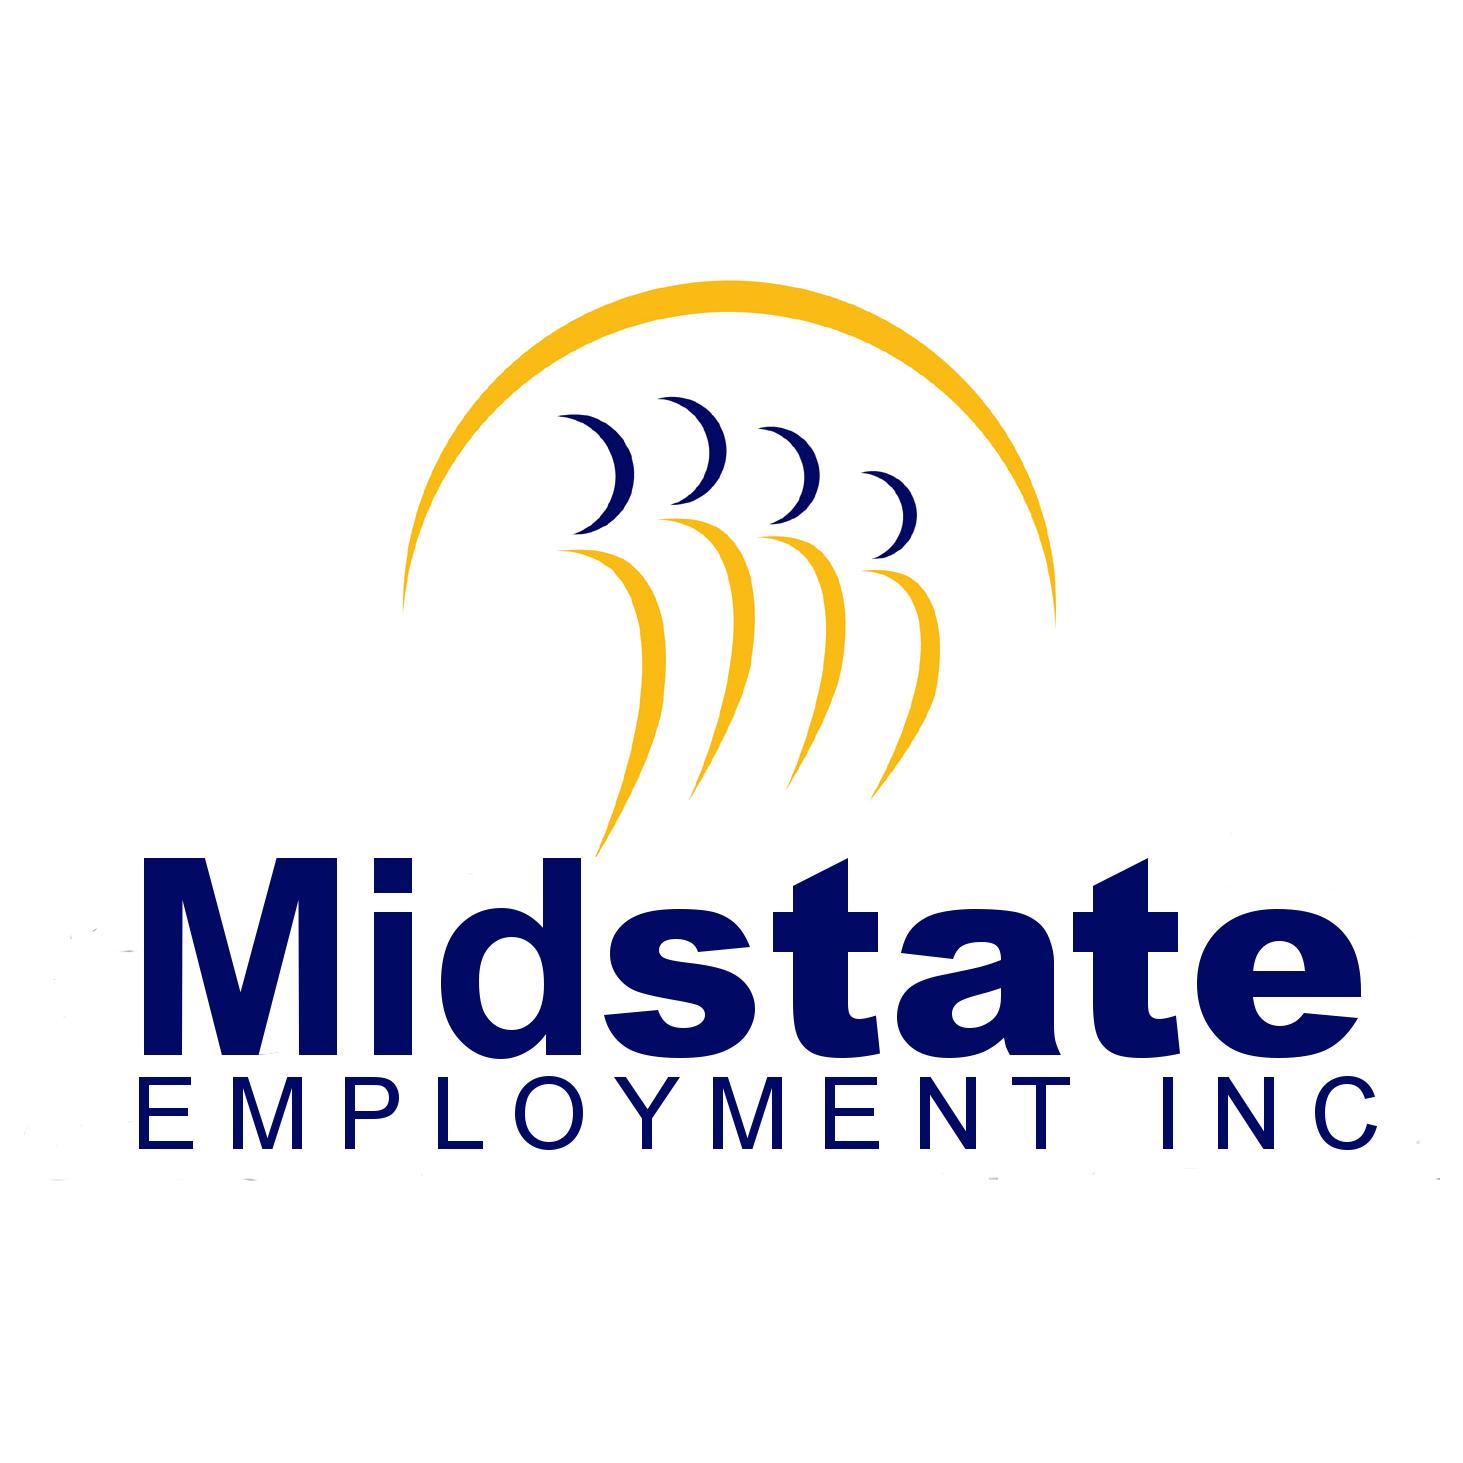 Midstate Employment